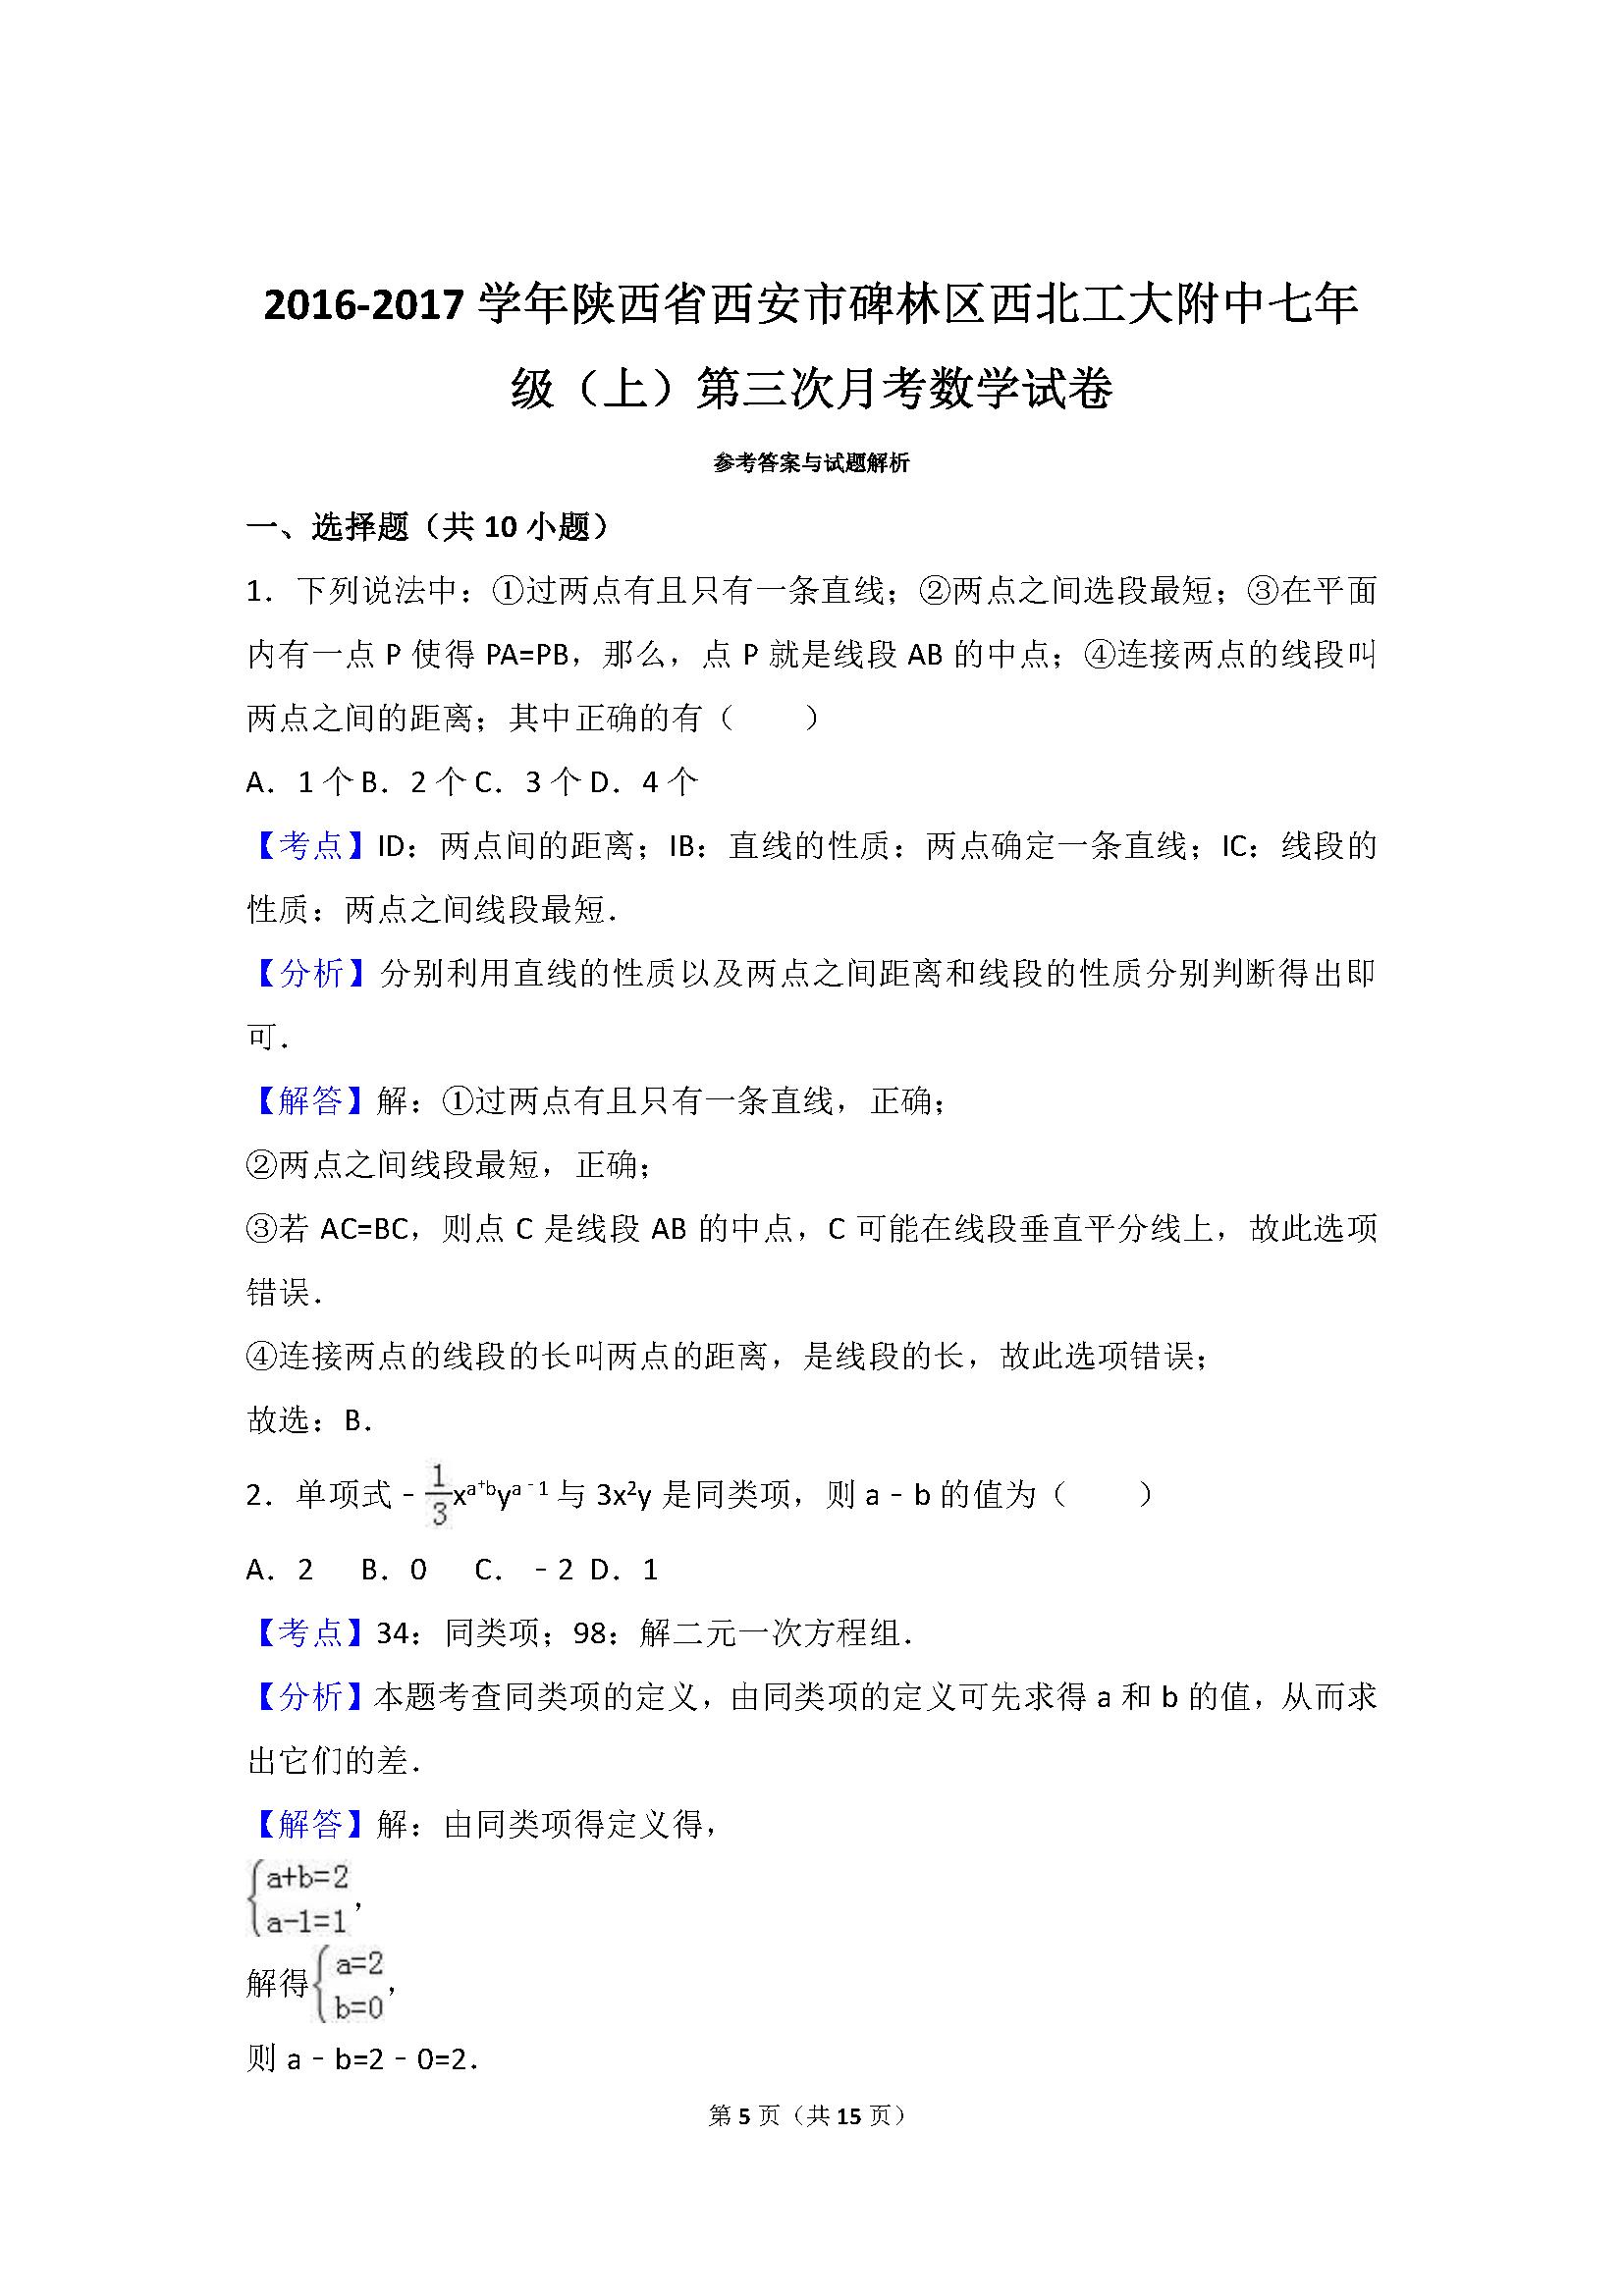 2017陕西西安碑林七年级上第三次月考数学试卷答案(图片版)